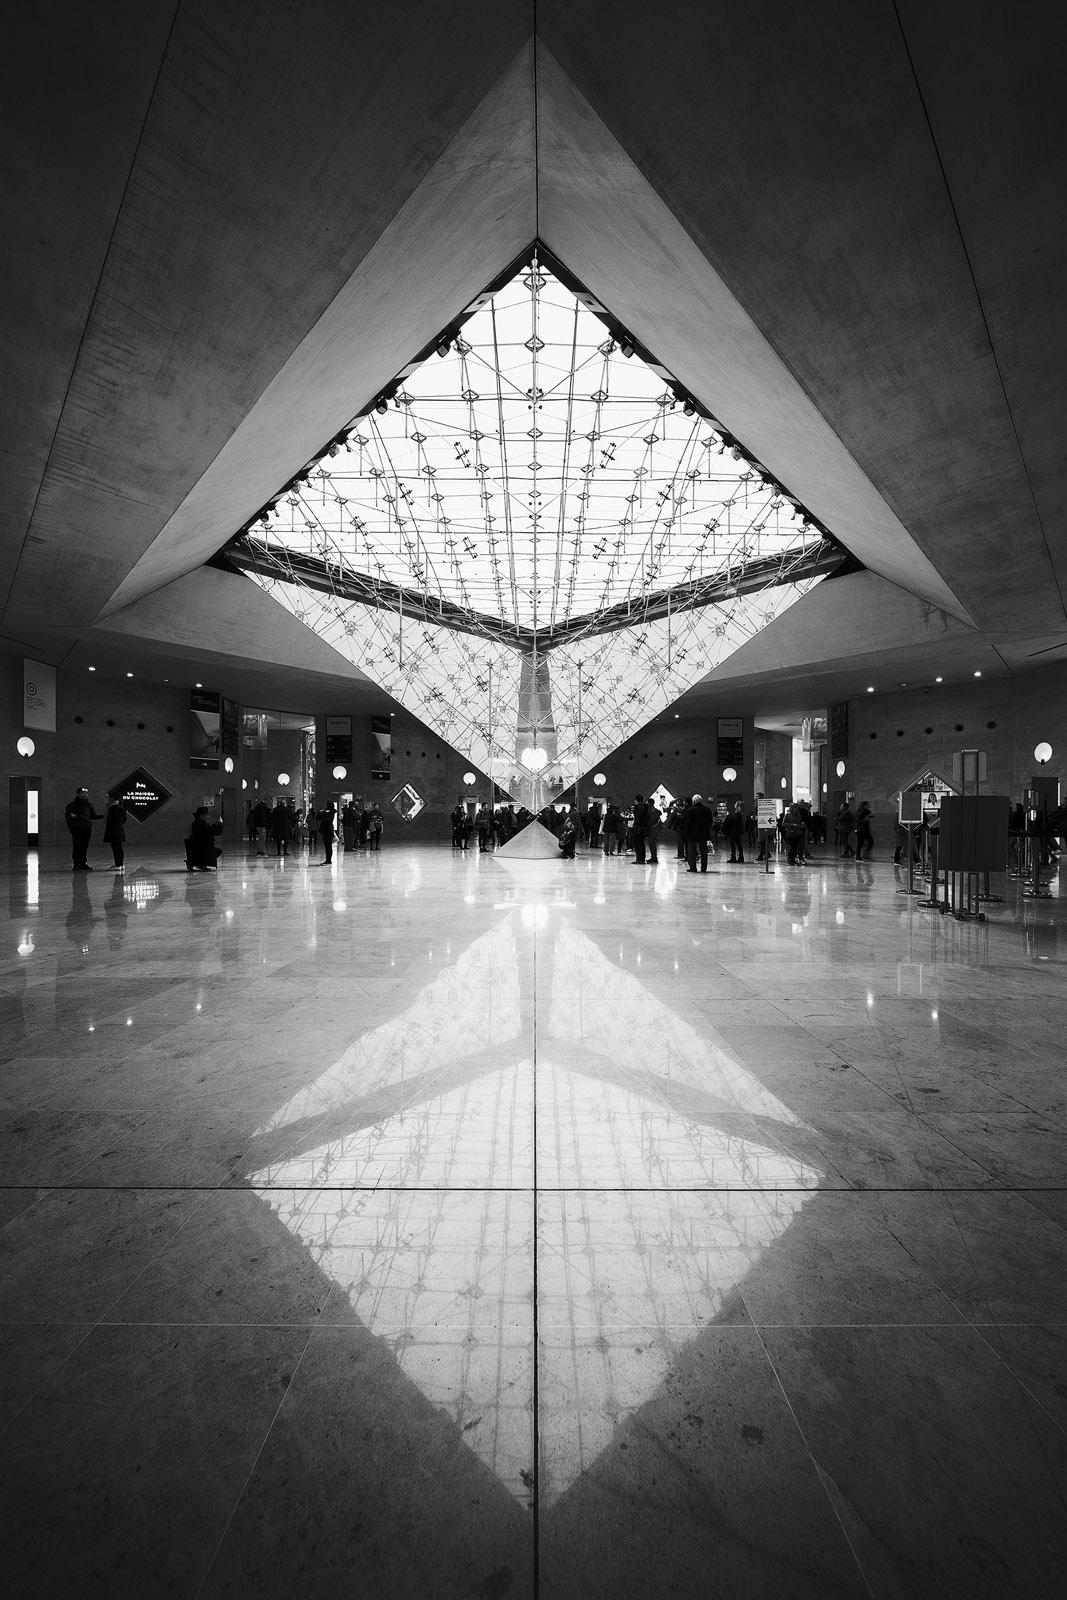 Pyramide inversée et son reflet sur le sol du Carrousel du Louvre à Paris, réalisée avec l'objectif Laowa 12mm F/2.8 Zero-D